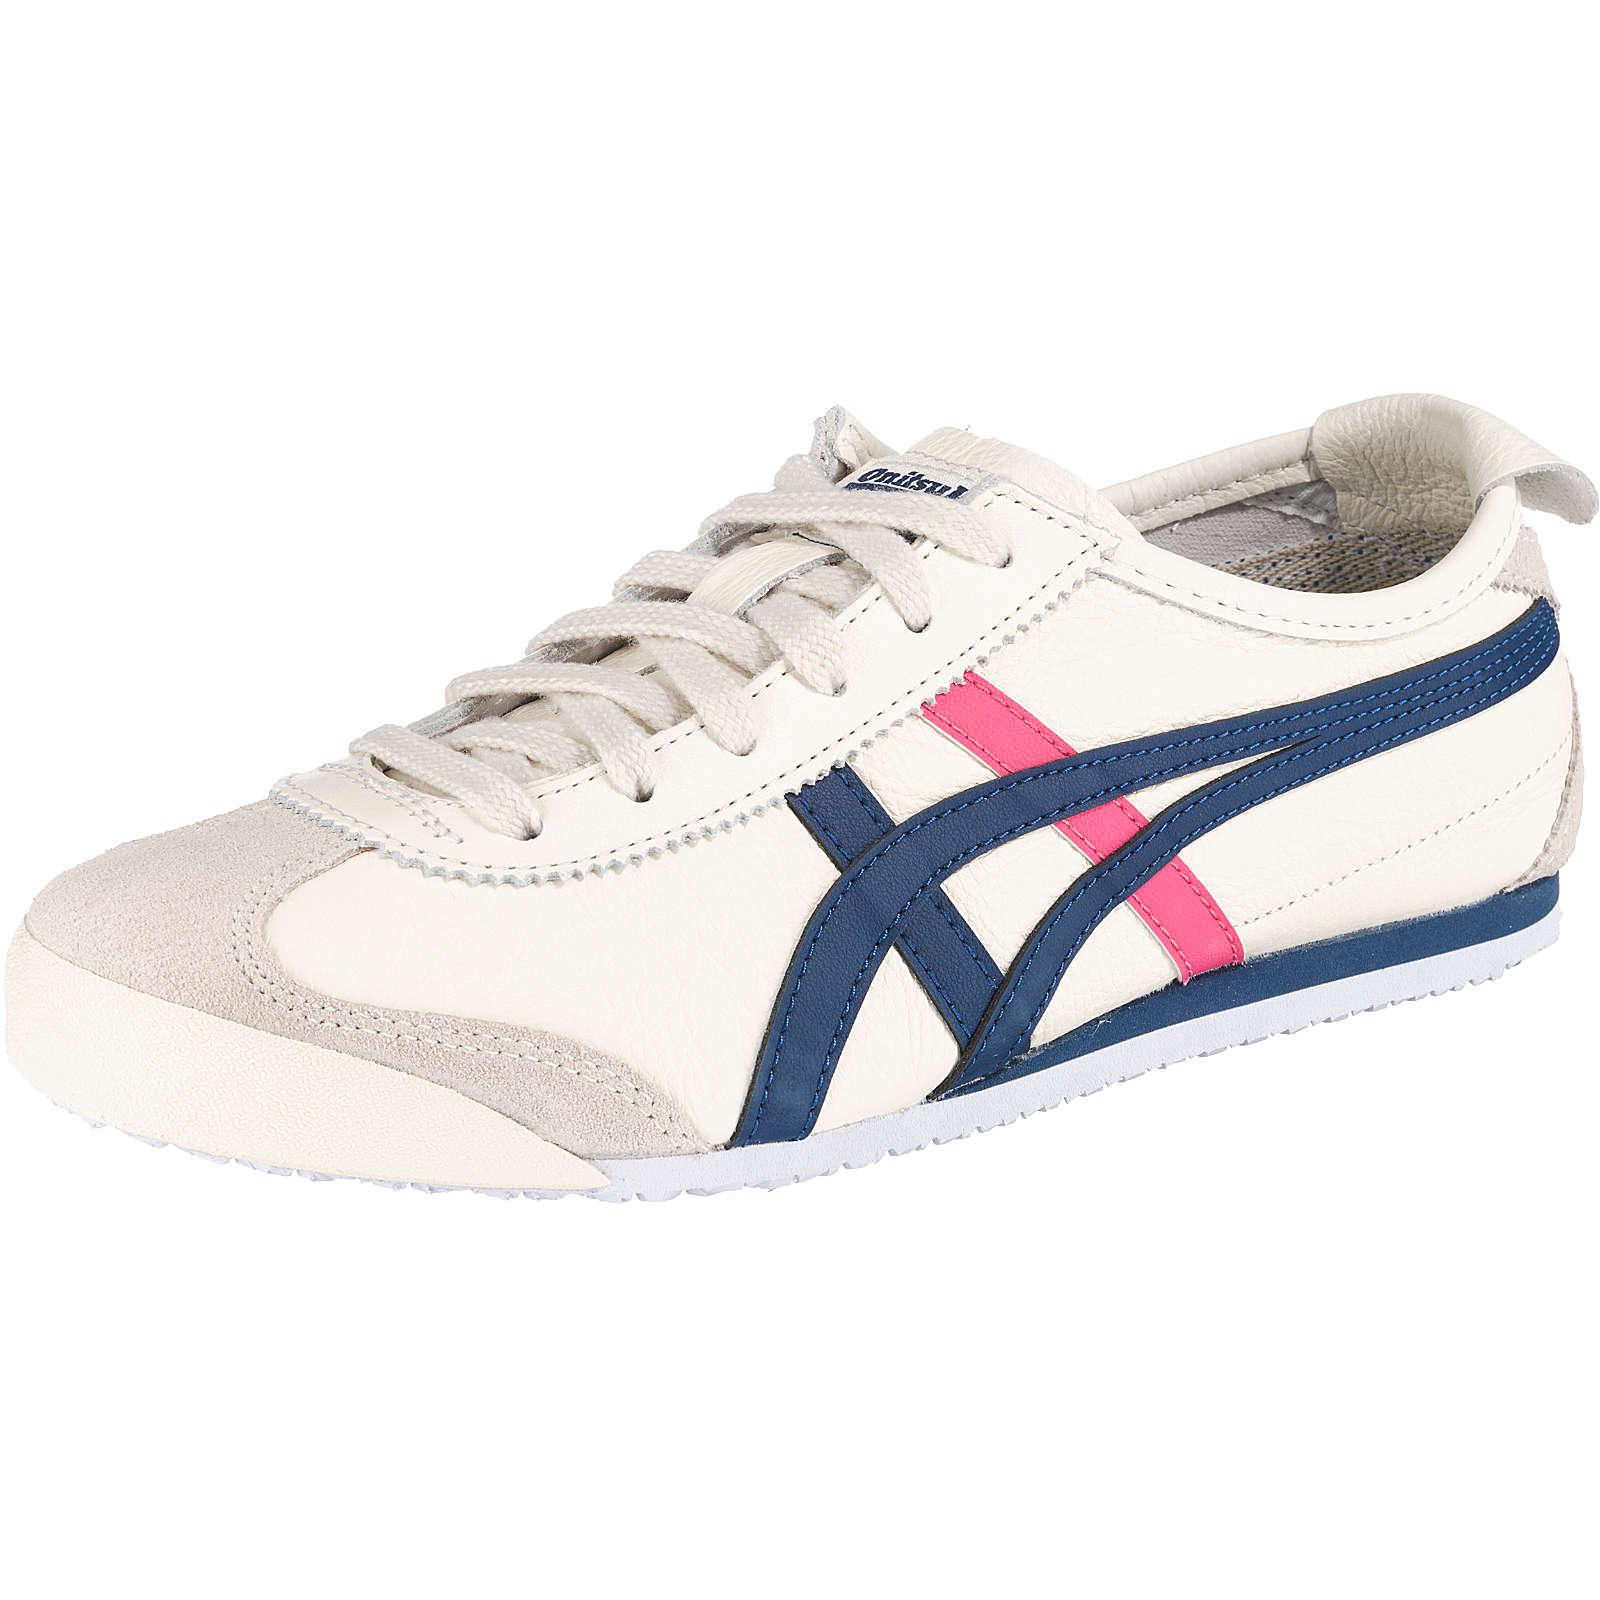 Onitsuka Tiger® Sneakers Low creme Damen Gr. 39